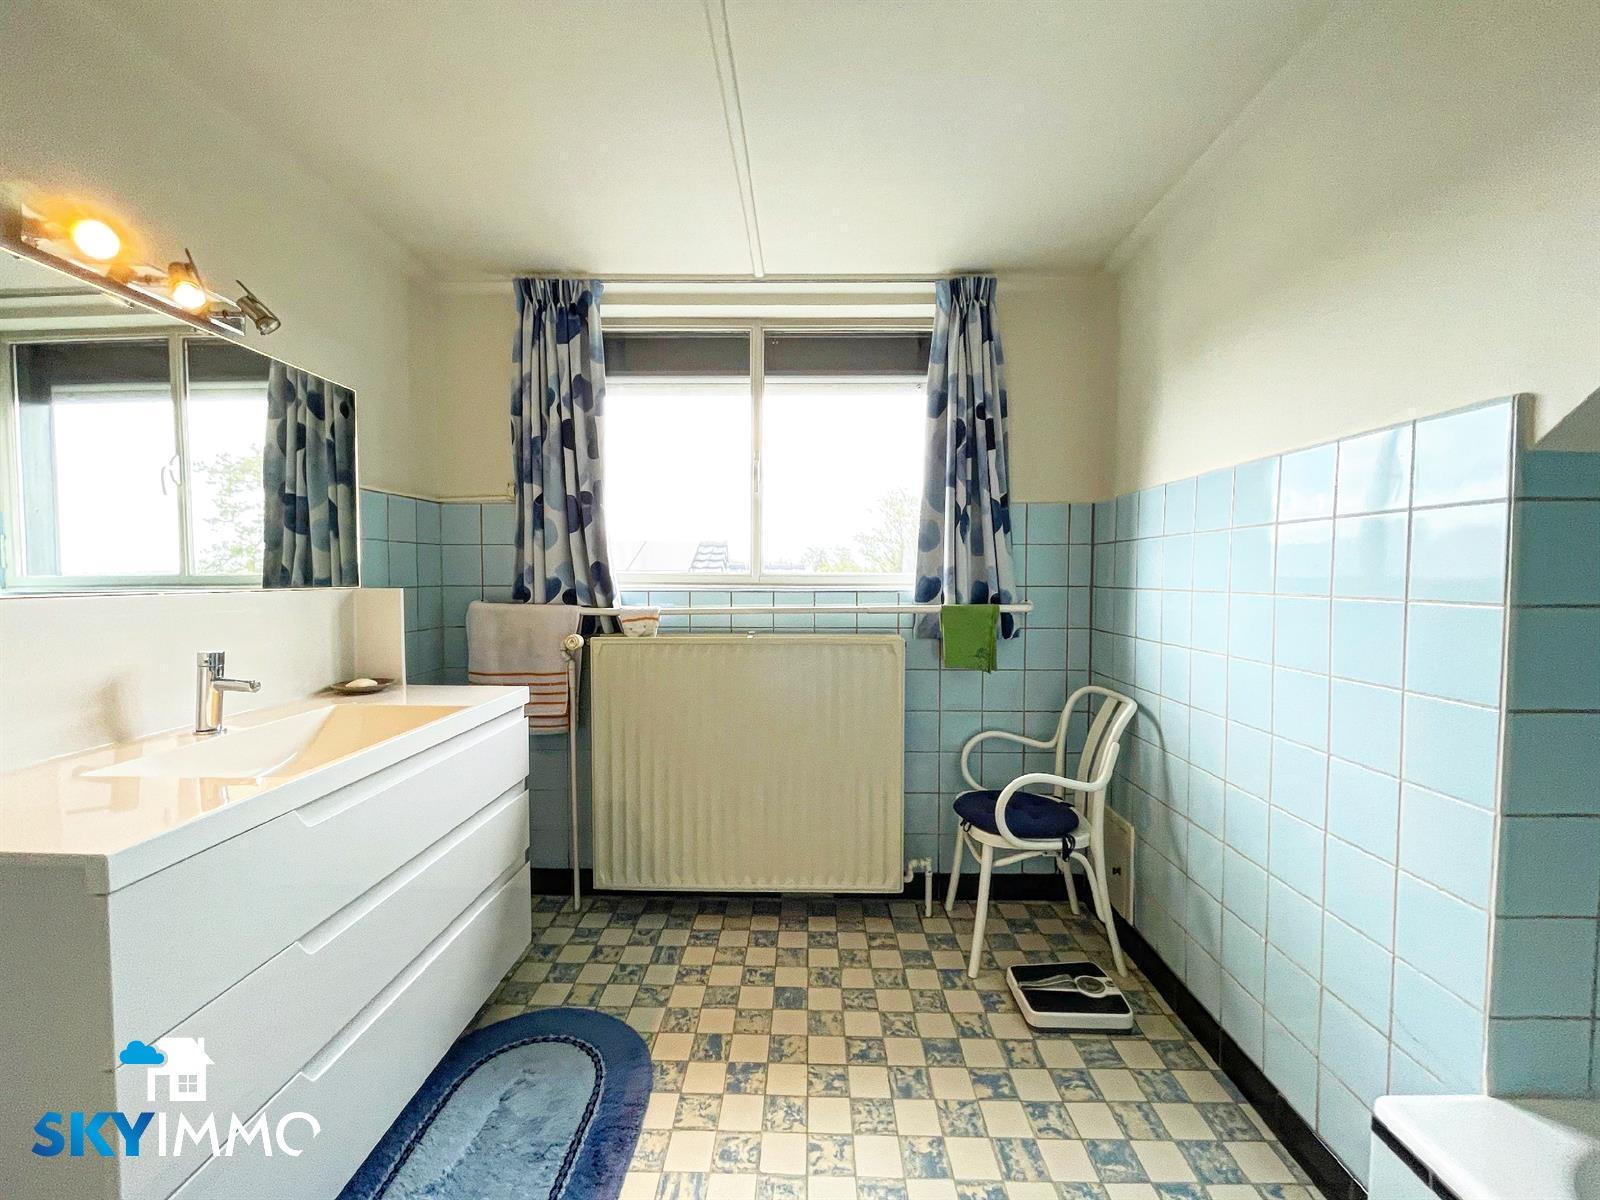 Maison - Liege - #4350467-25